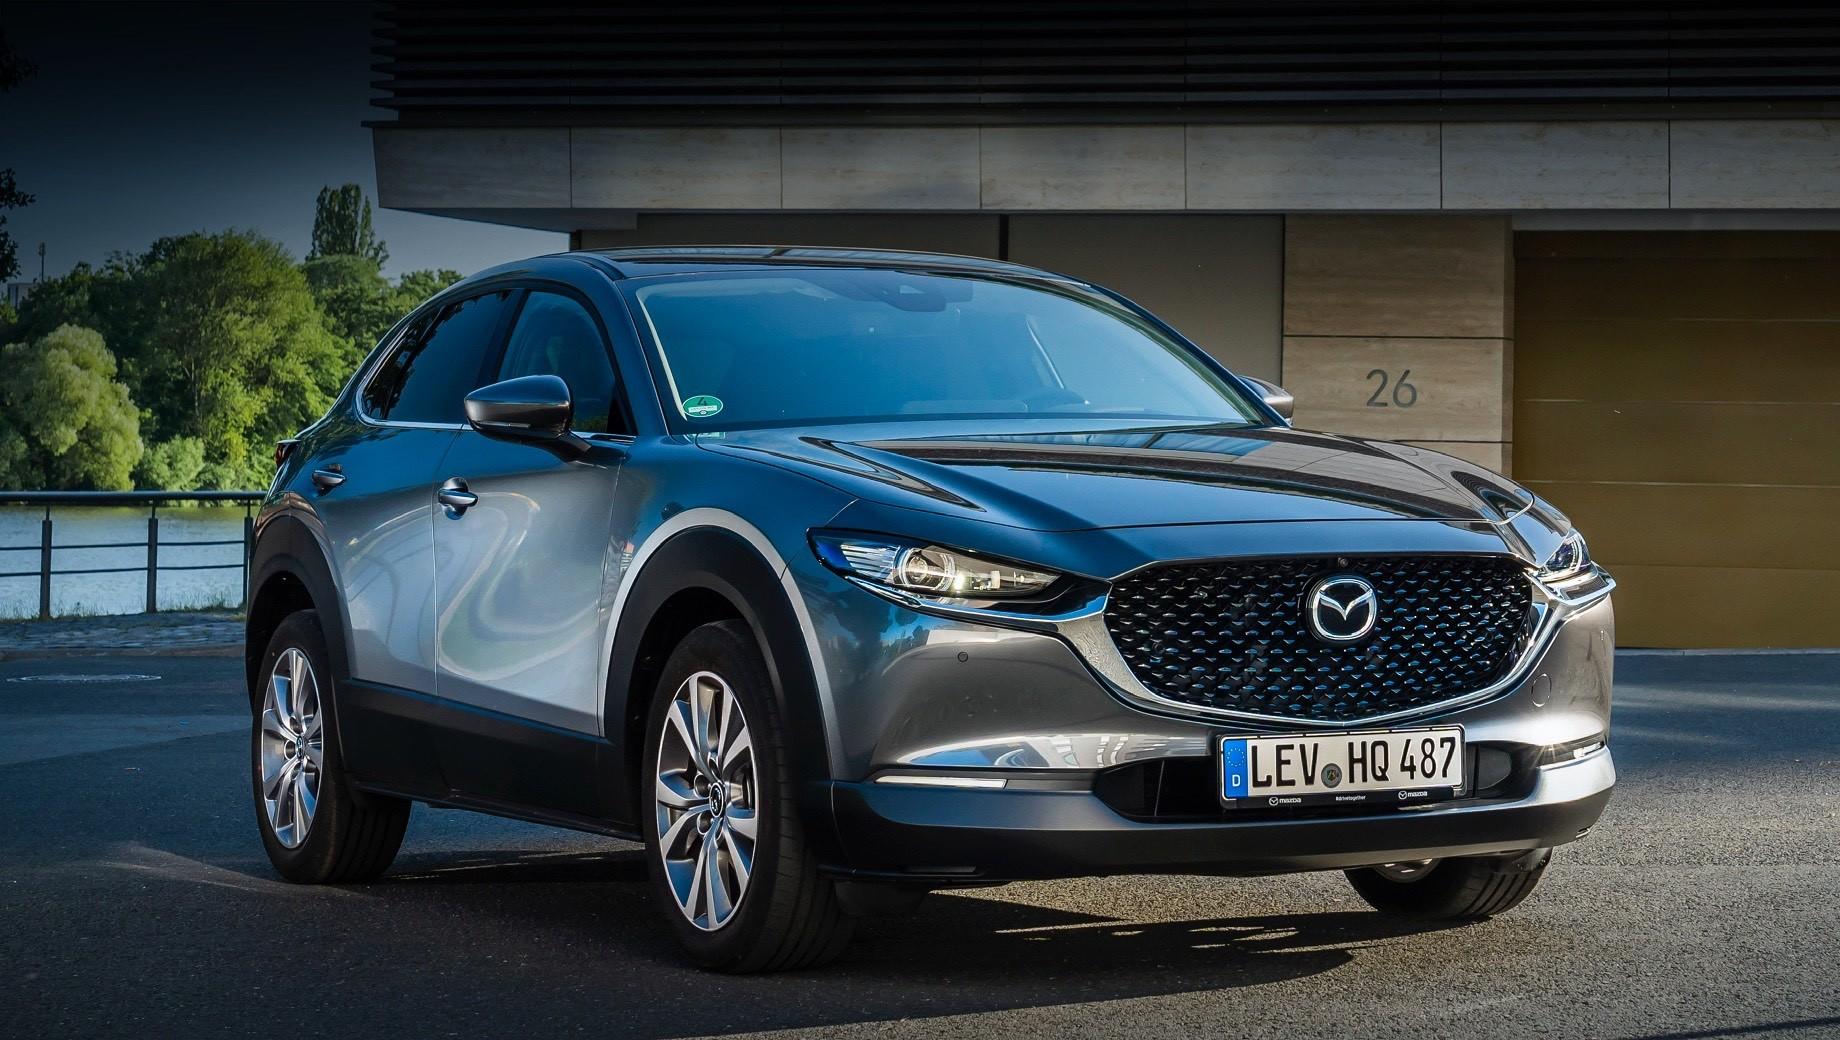 Mazda 3,Mazda 6,Mazda cx-30. Mazda CX-30 сертифицирована в России с одним мотором — атмосферником 2.0 с непосредственным впрыском и отдачей в 150 л.с. и 213 Н•м. Коробки передач — шестиступенчатые, «механика» и «автомат». Первая будет предложена с передним приводом, а вторая — как с передним, так и с полным.